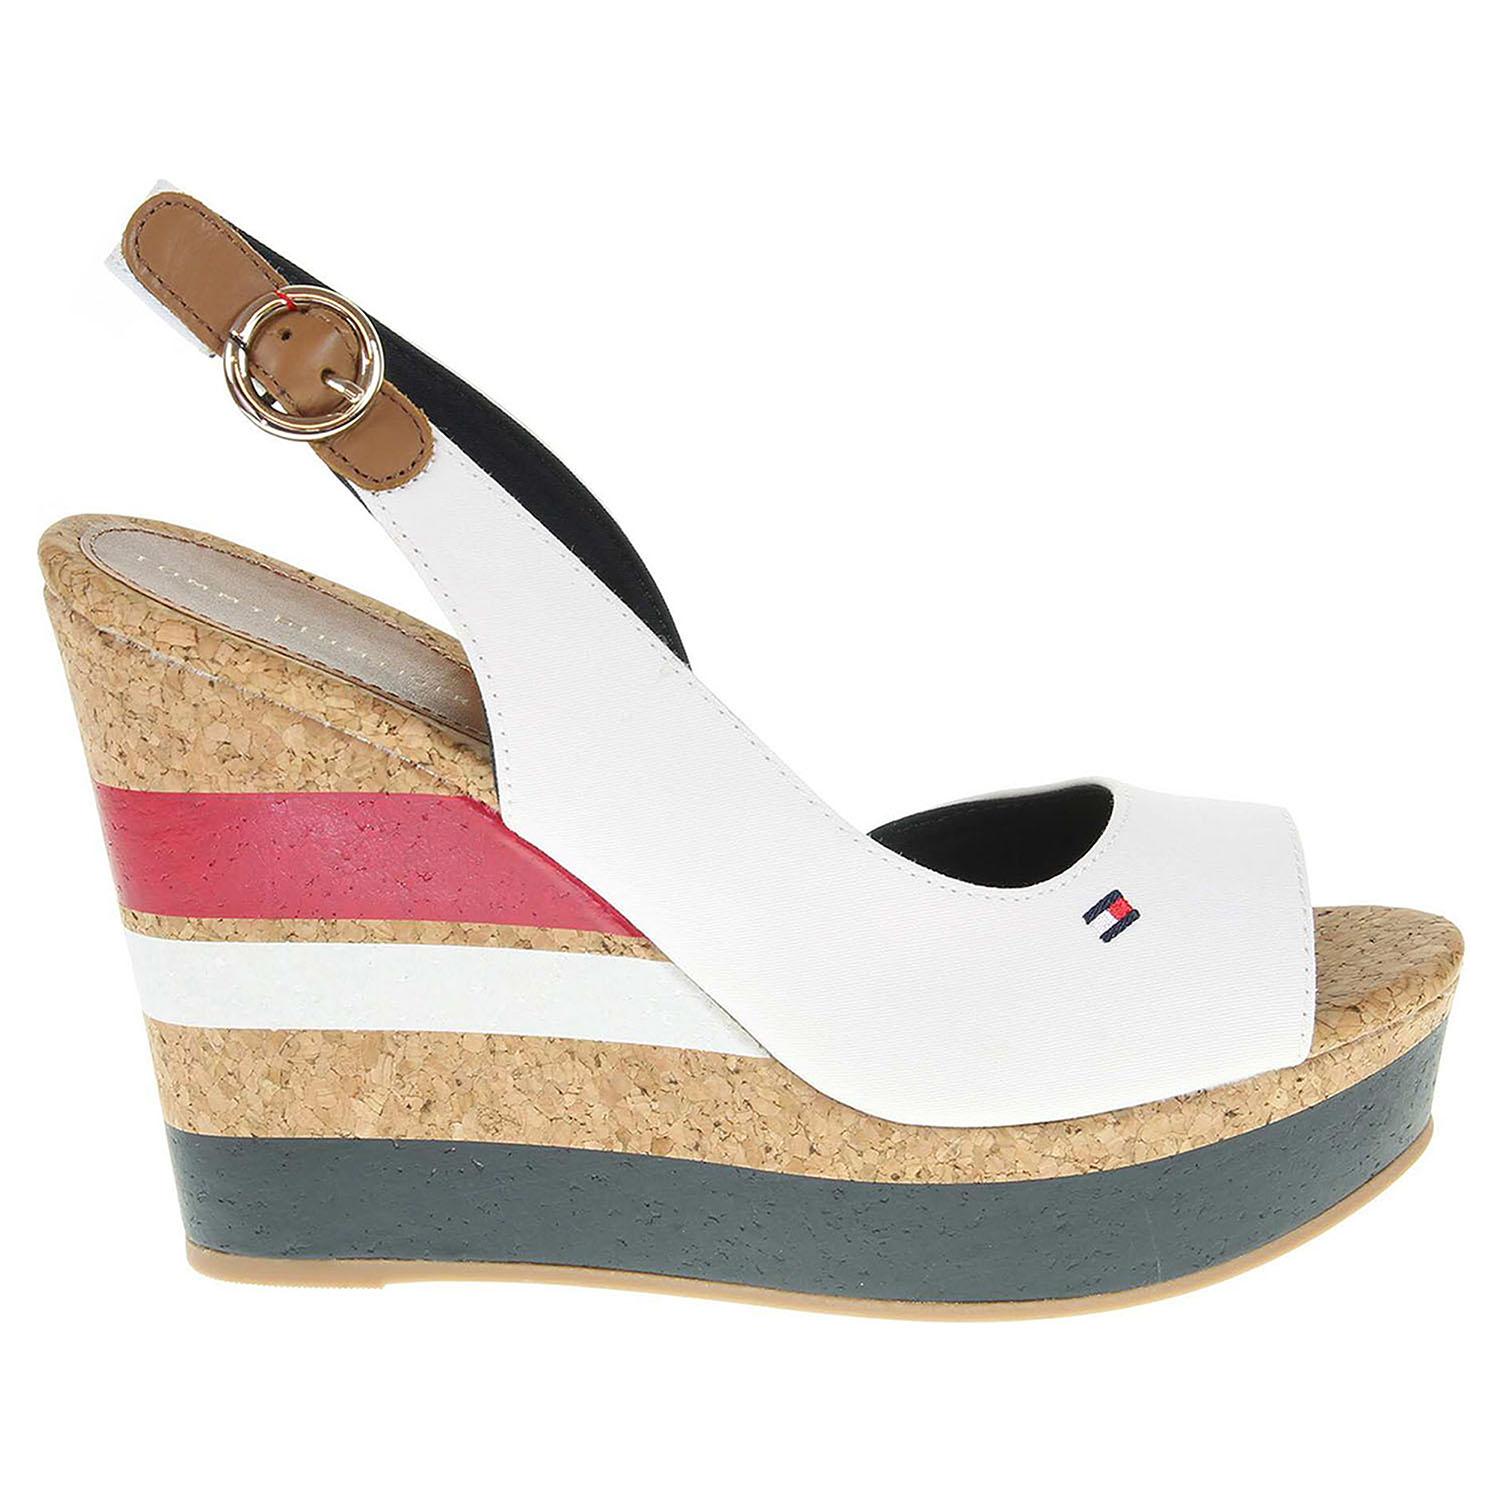 Ecco Tommy Hilfiger dámské sandály FW0FW00858 INT-E1285STELLE 38C bílé 23801194